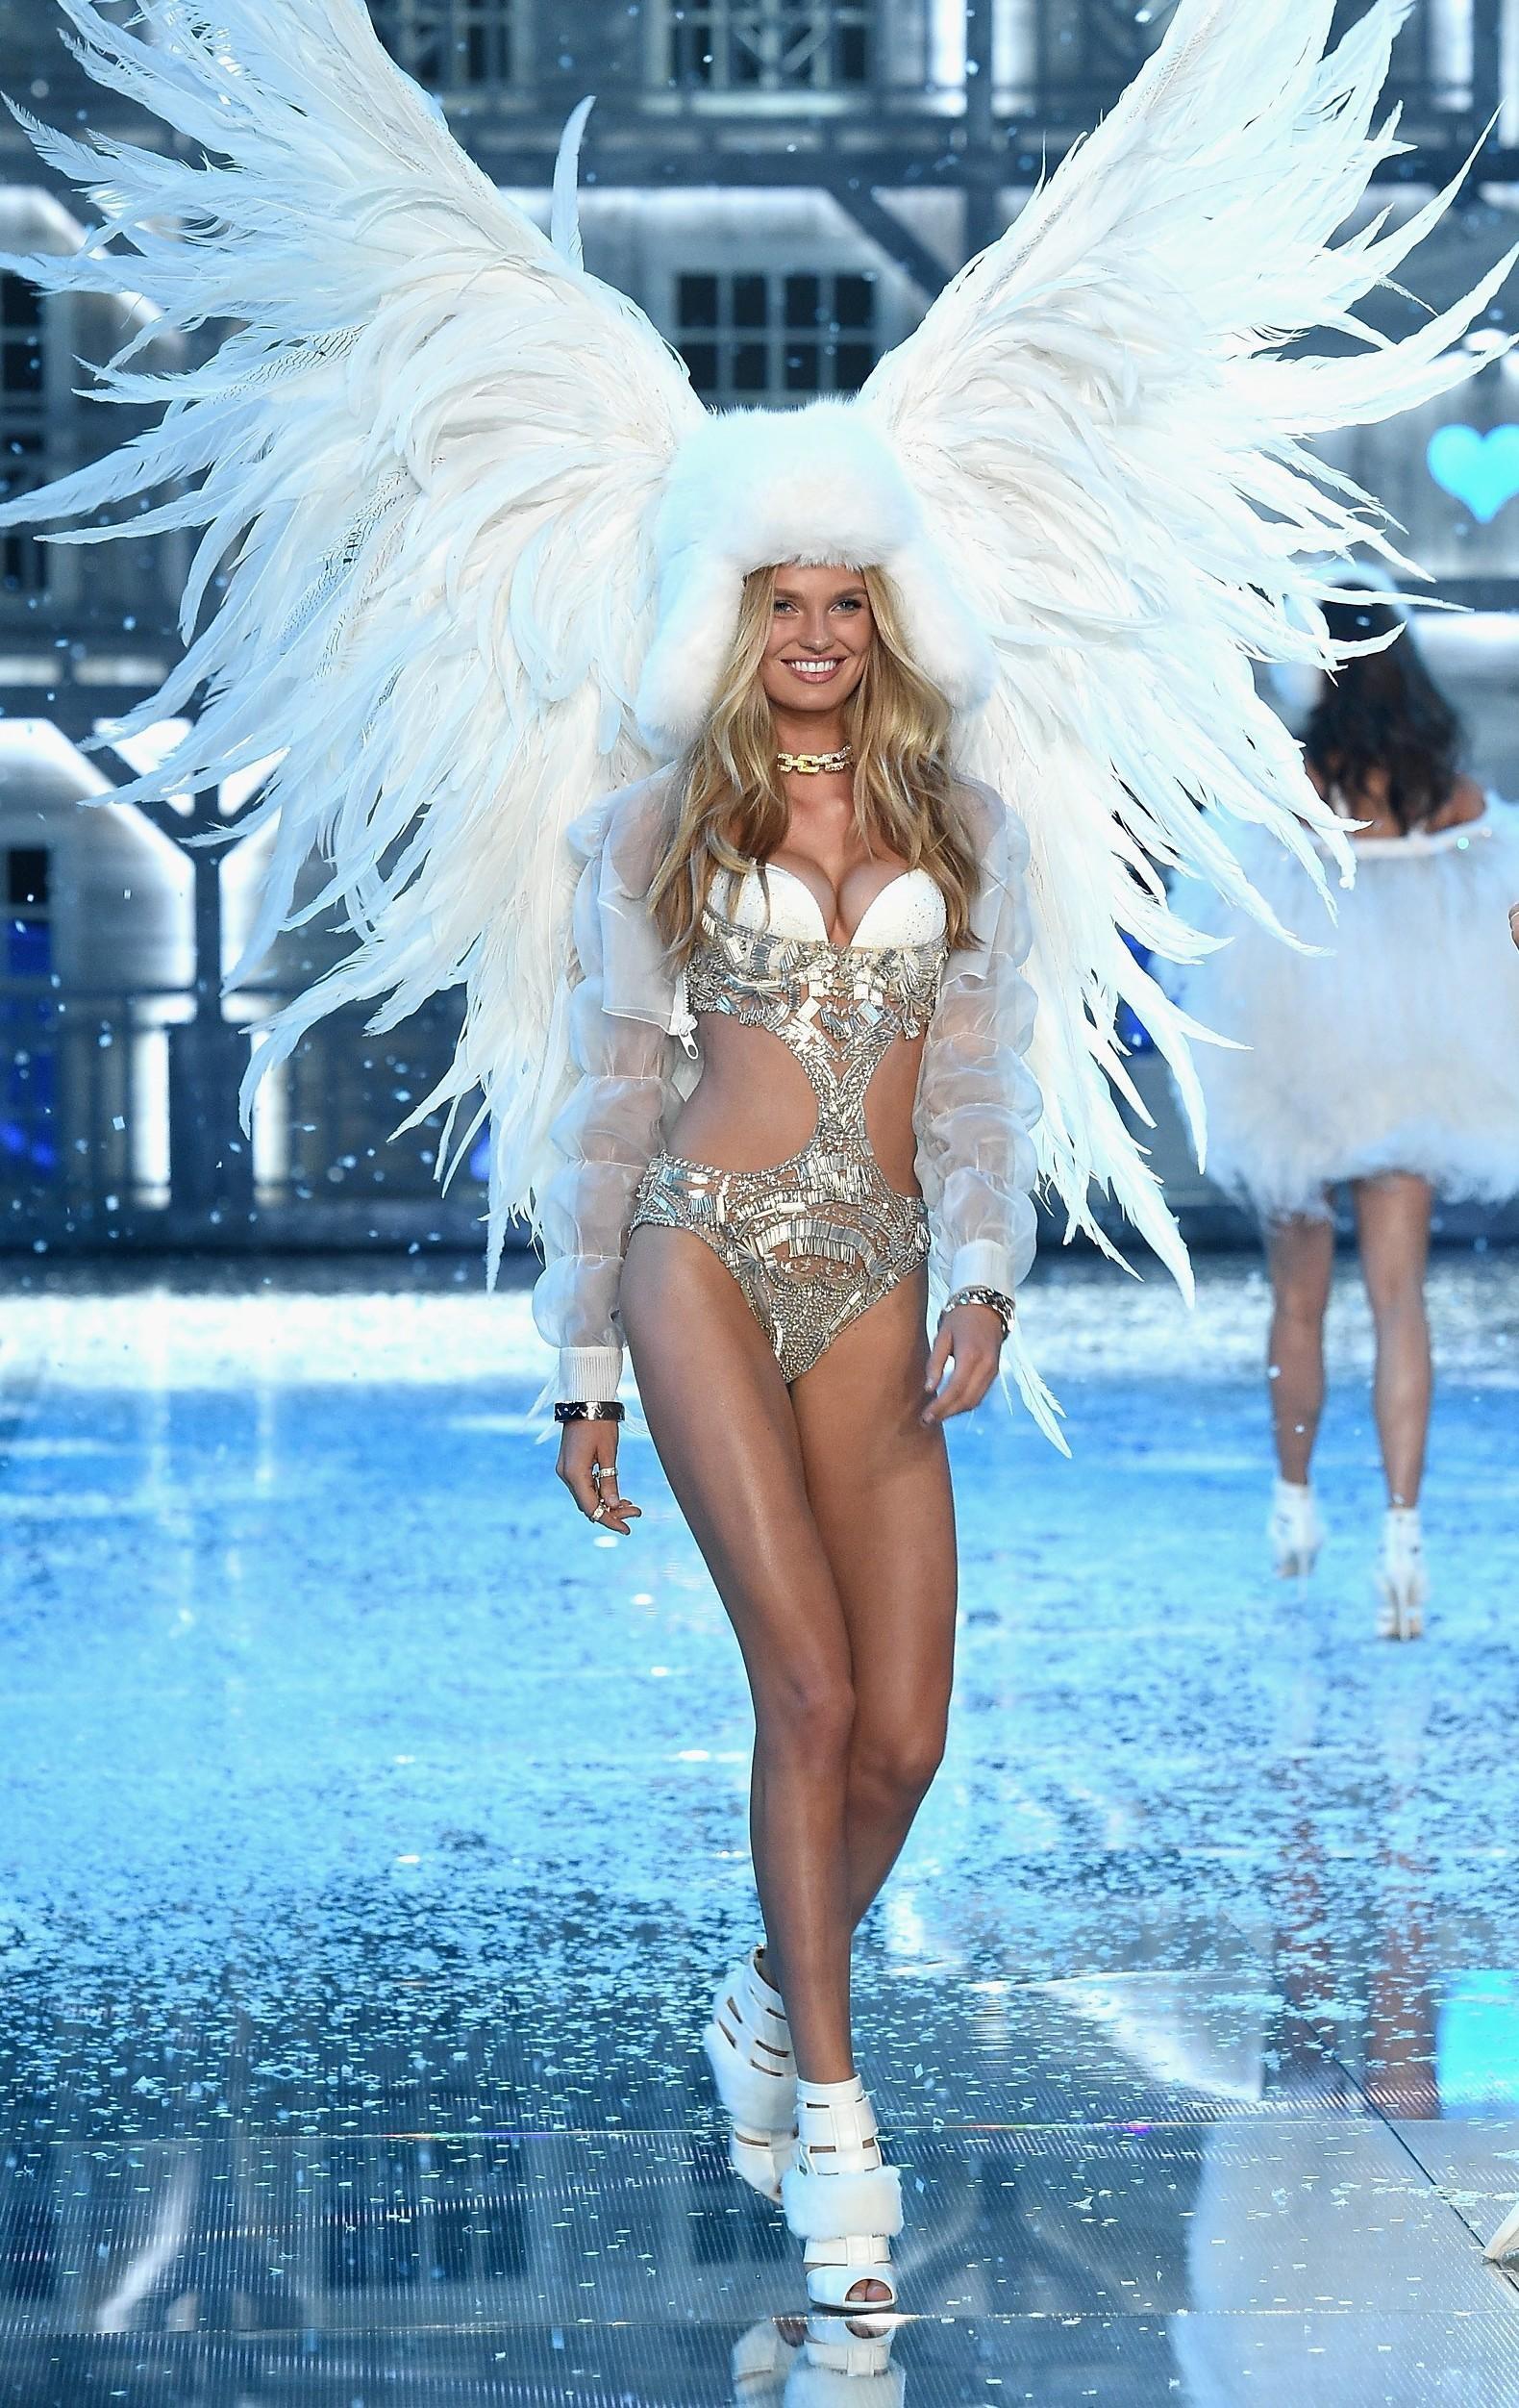 Có điều, đôi cánh này được sinh ra không chỉ dành riêng cho Gizele. Bởi vào năm 2015, nó từng được khoác lên Thiên thần Romee Strijd.